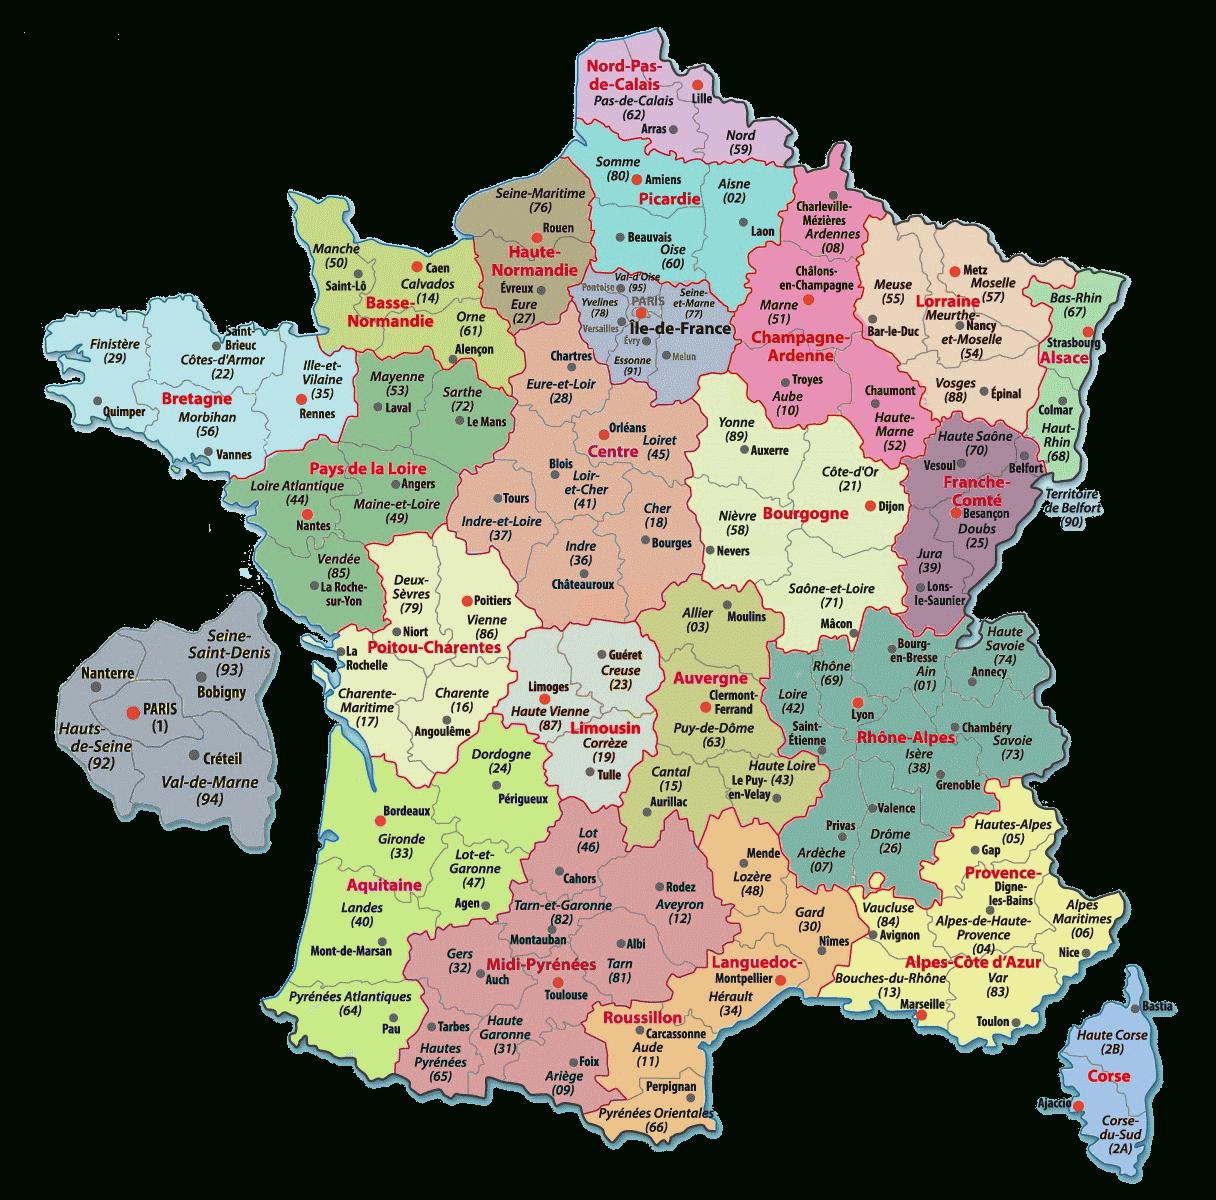 Carte De France Departements : Carte Des Départements De France destiné Carte France Avec Departement